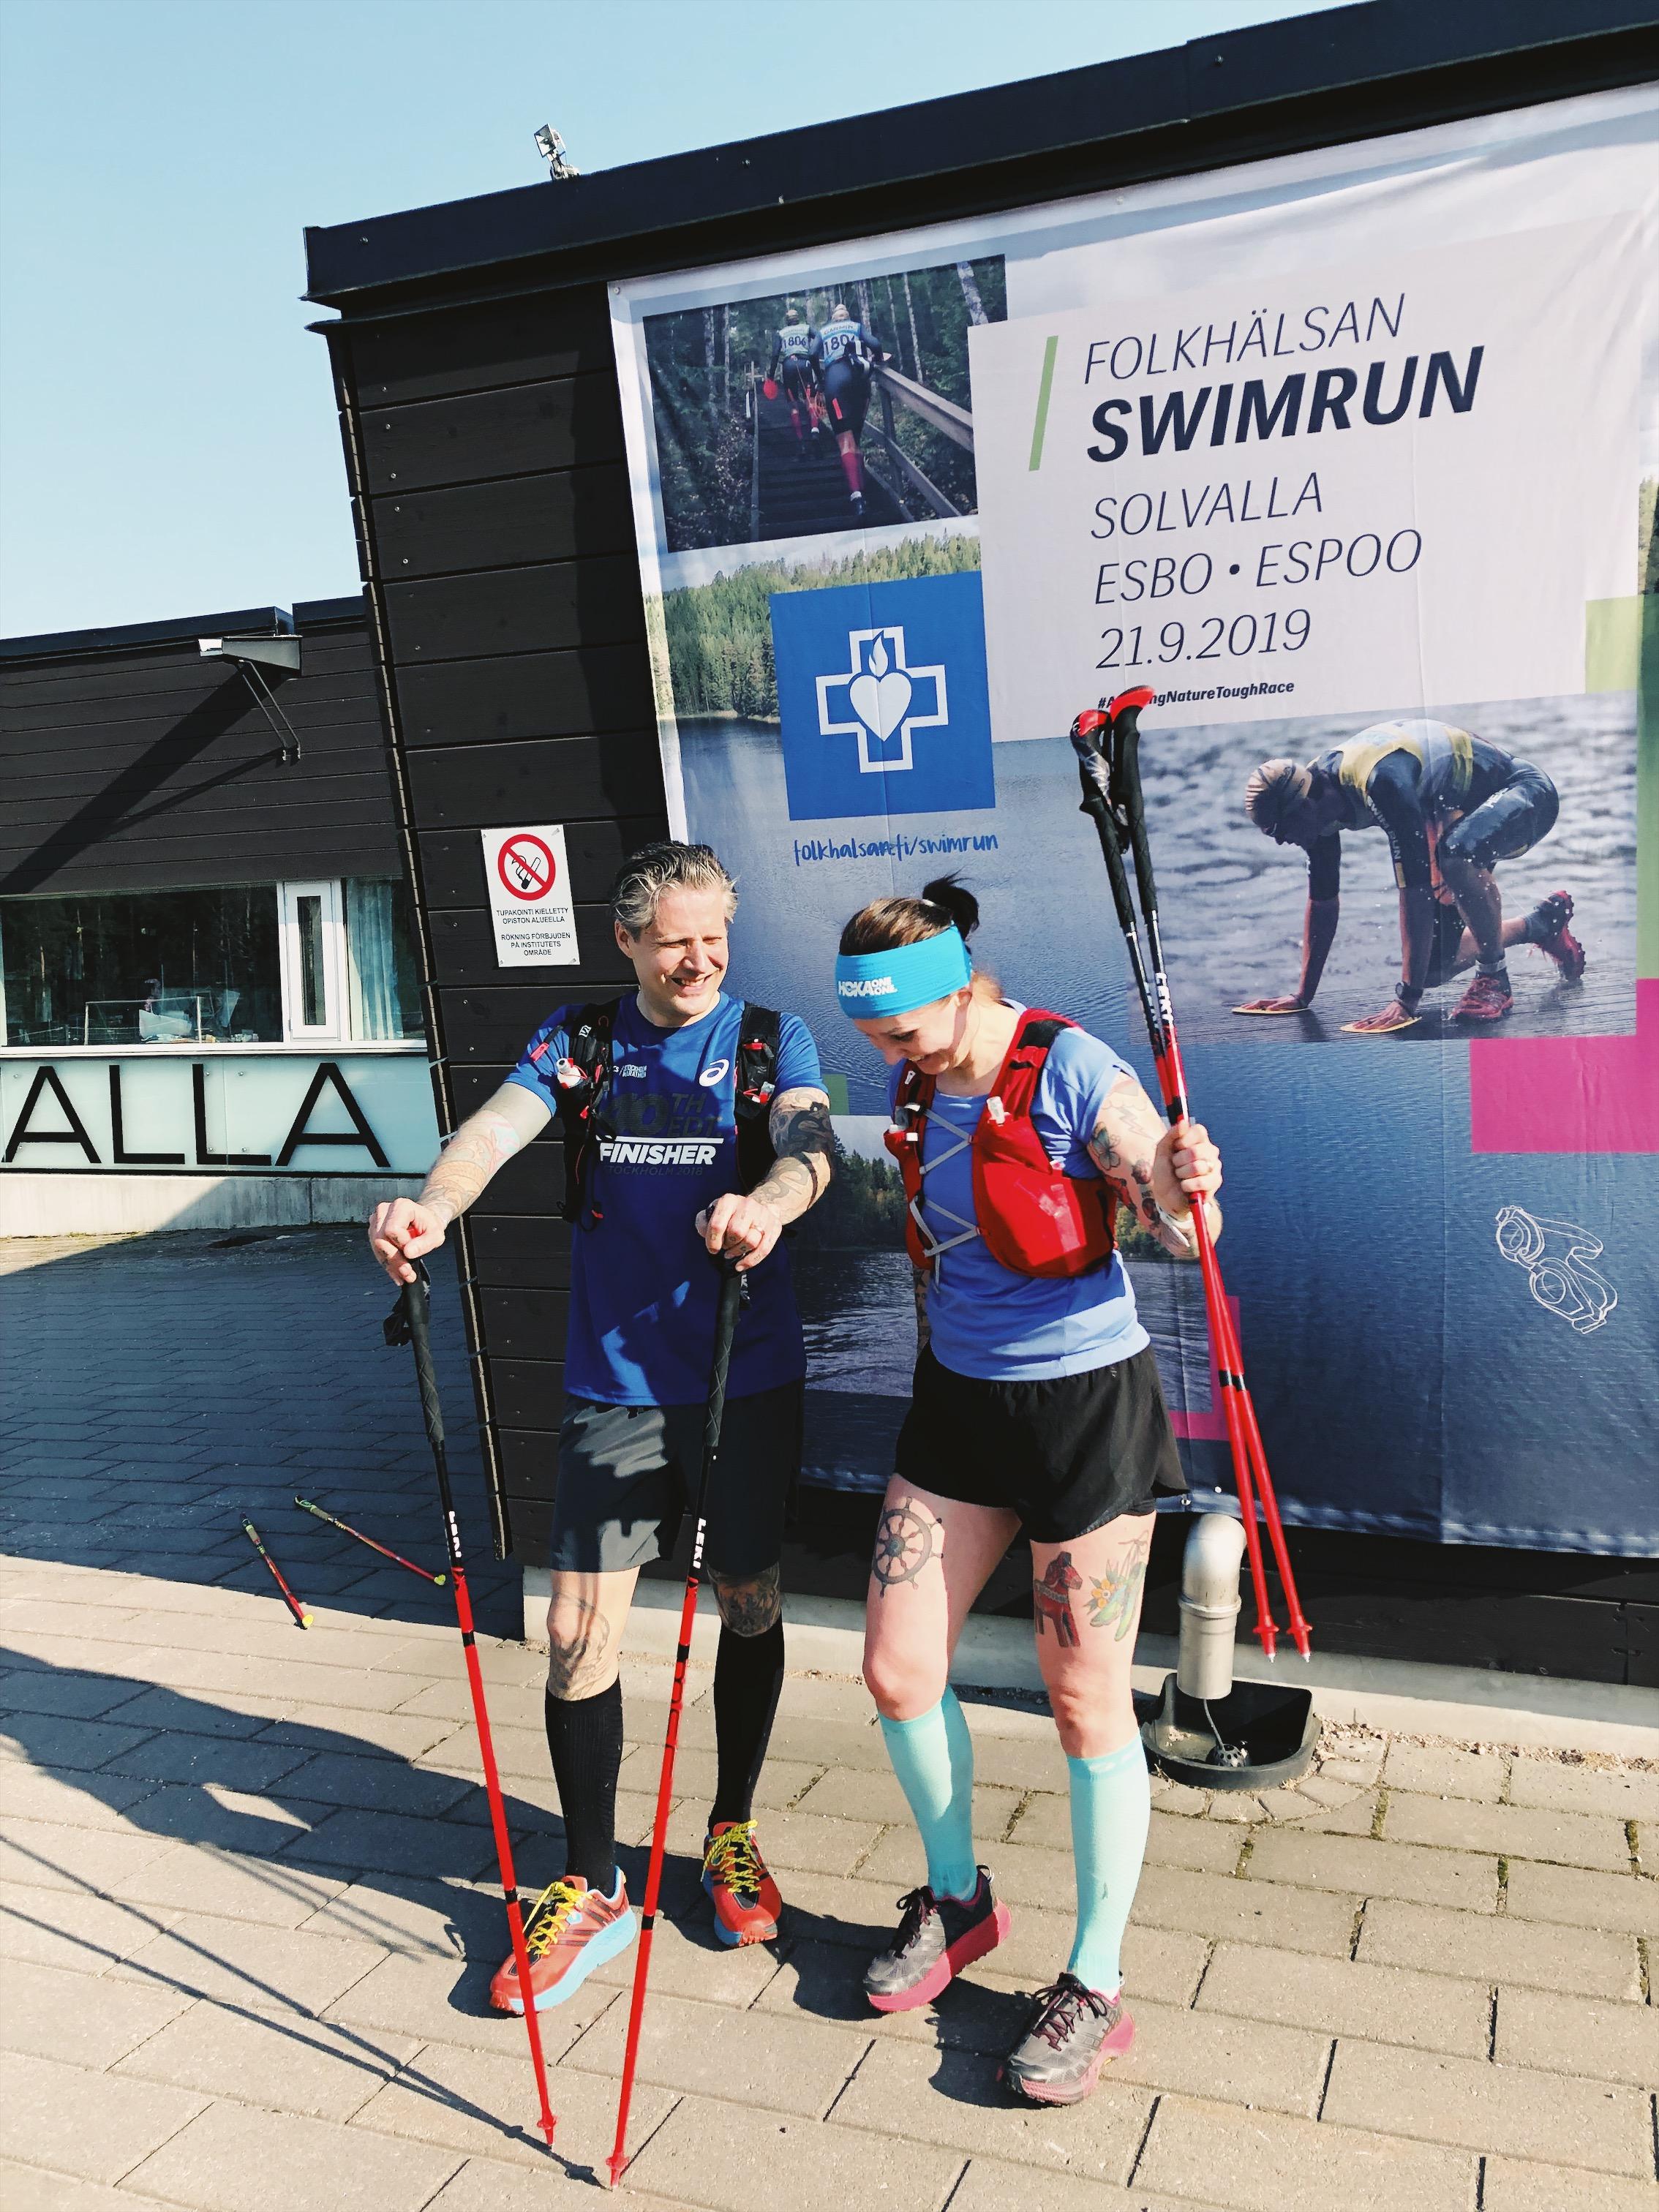 Nuuksiossa polkujuoksemassa – 50 km ja 3 300 nousumetriä alppijengin ja Alppimentorien kanssa